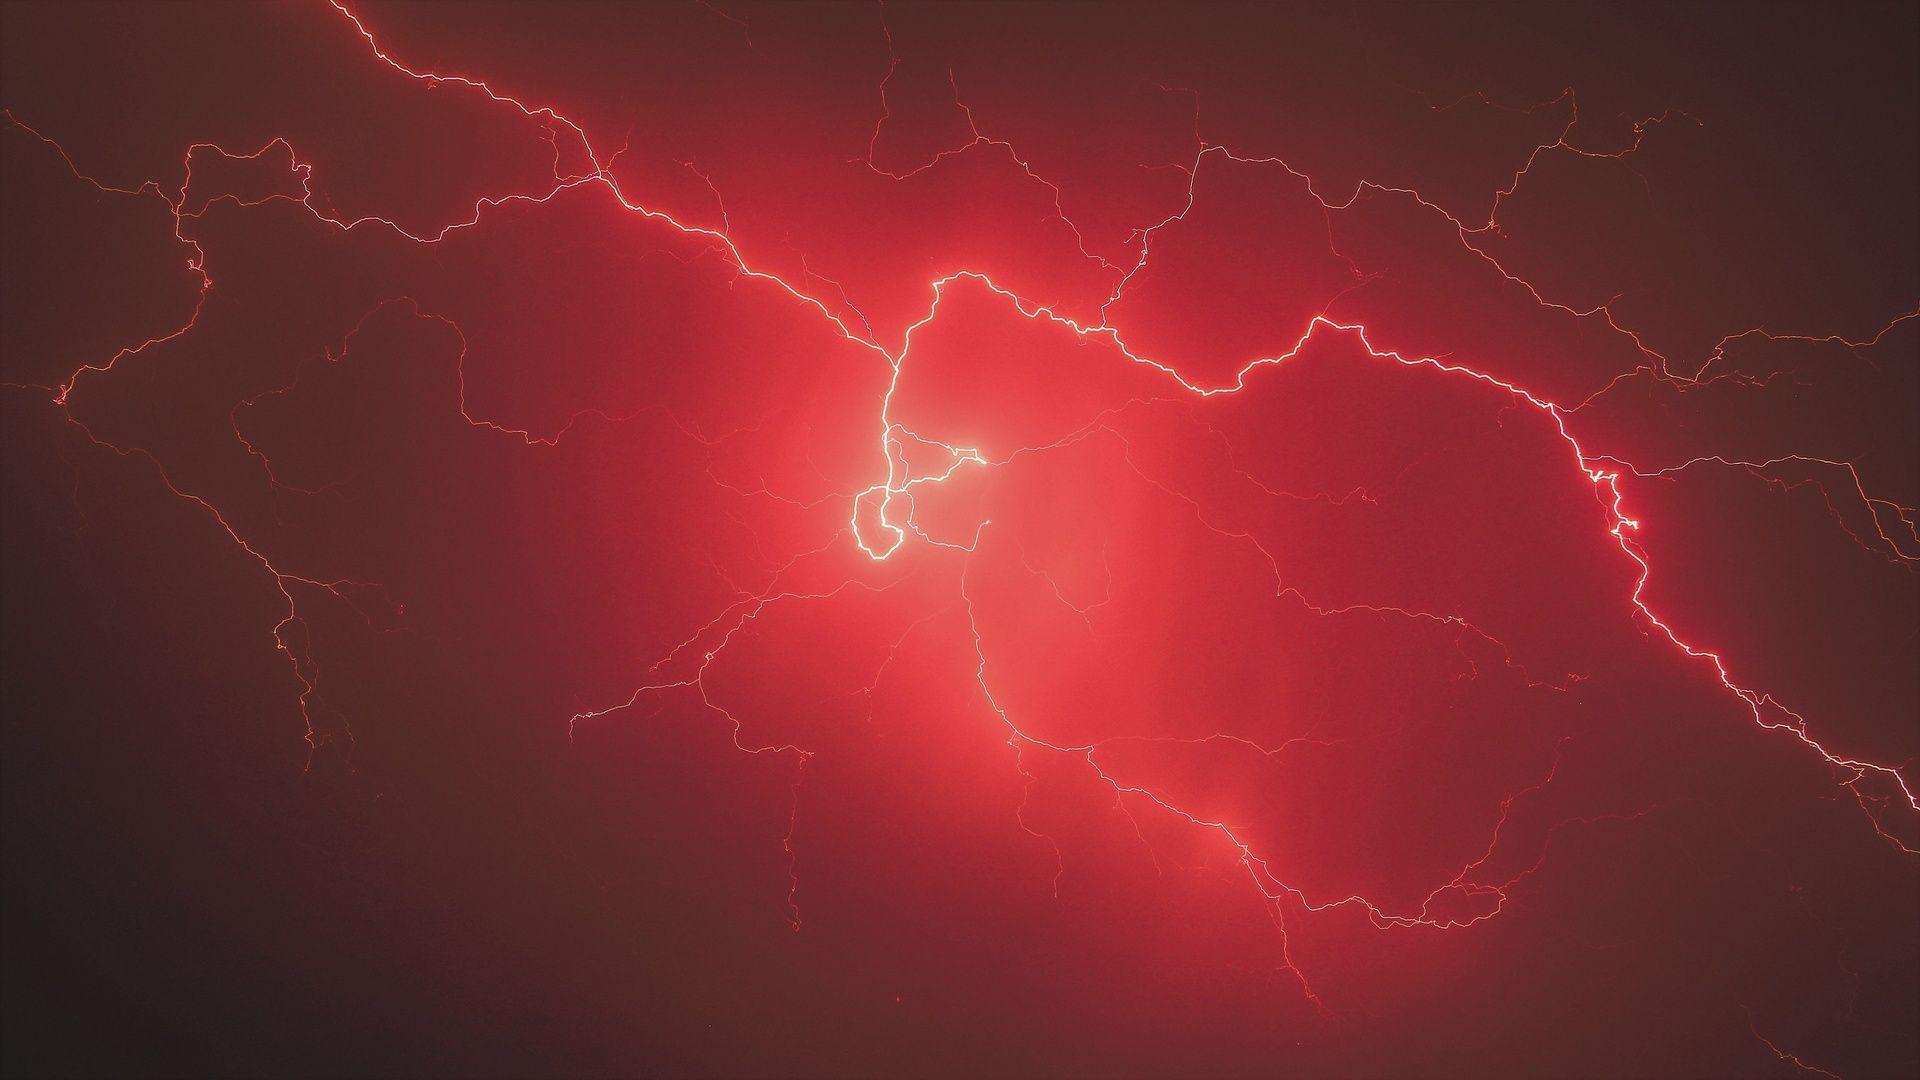 Lightning Bolt Desktop Wallpaper